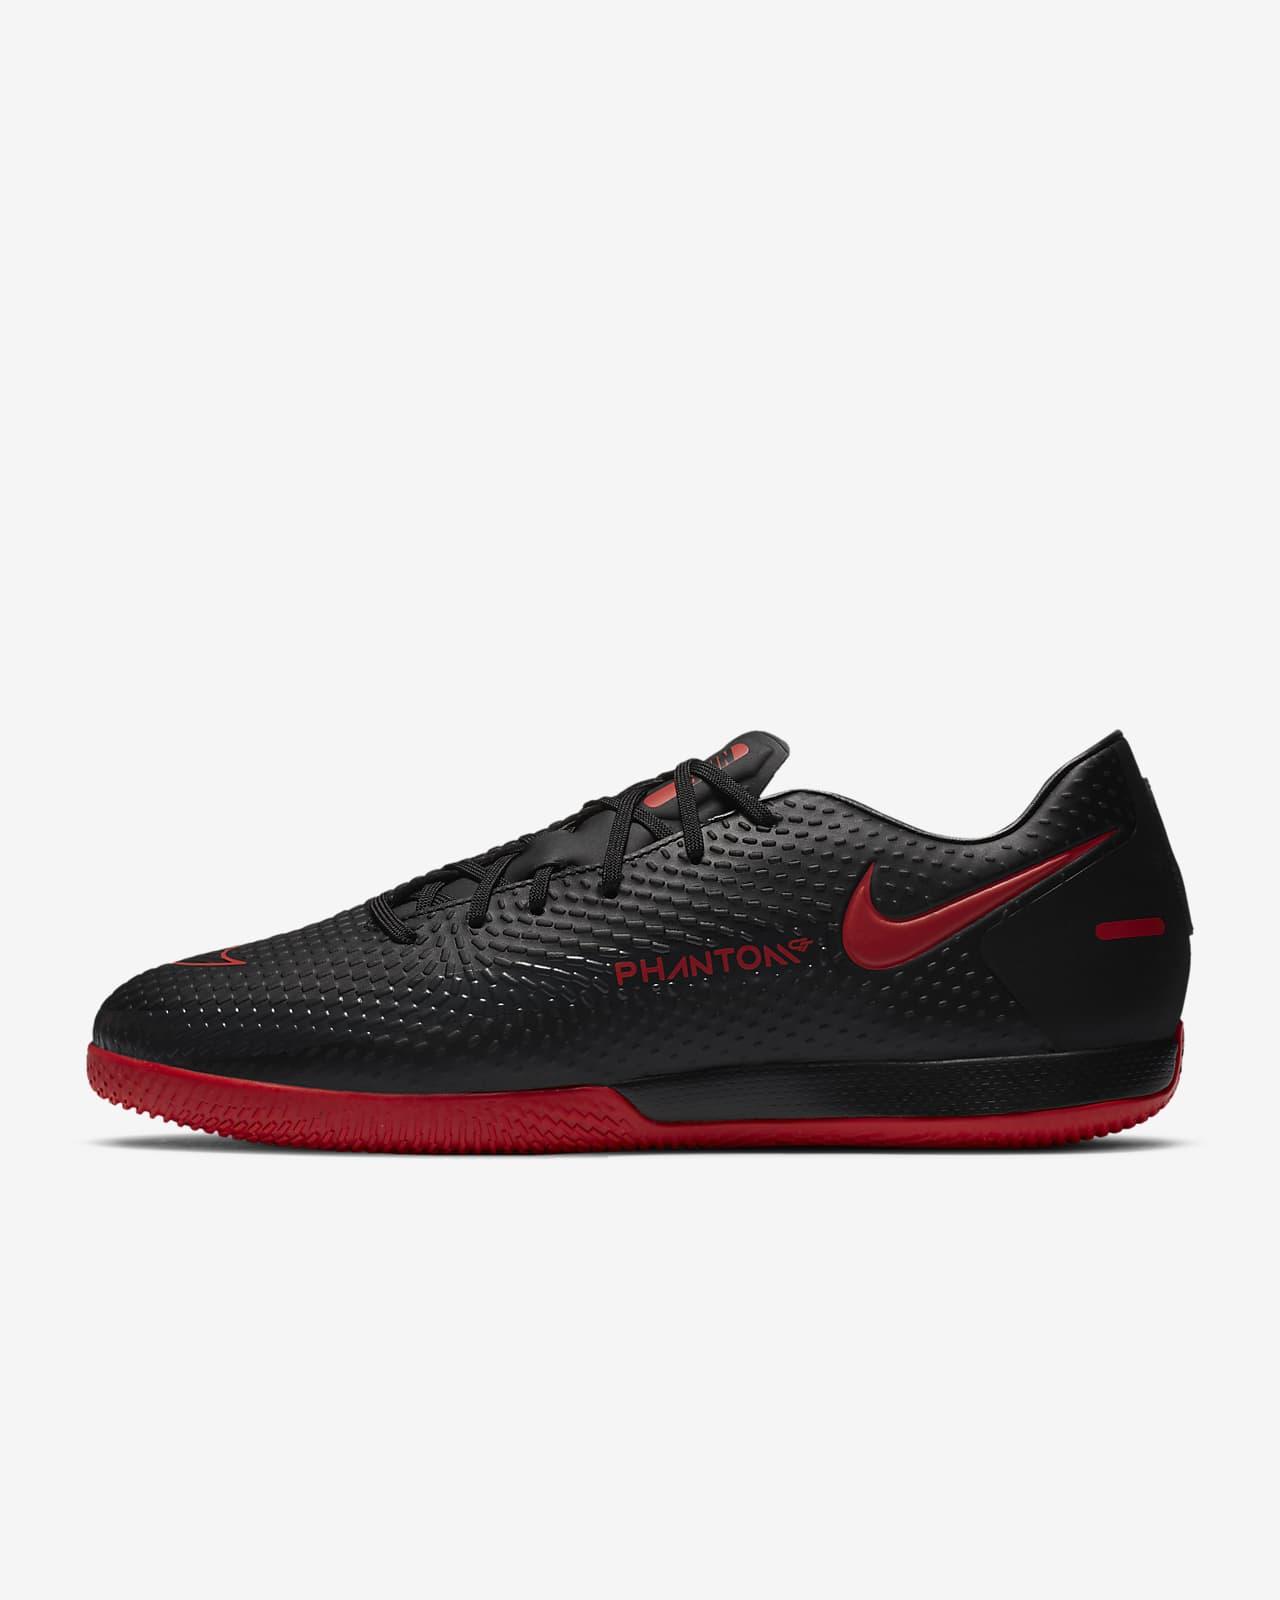 Halowe buty piłkarskie Nike Phantom GT Academy IC